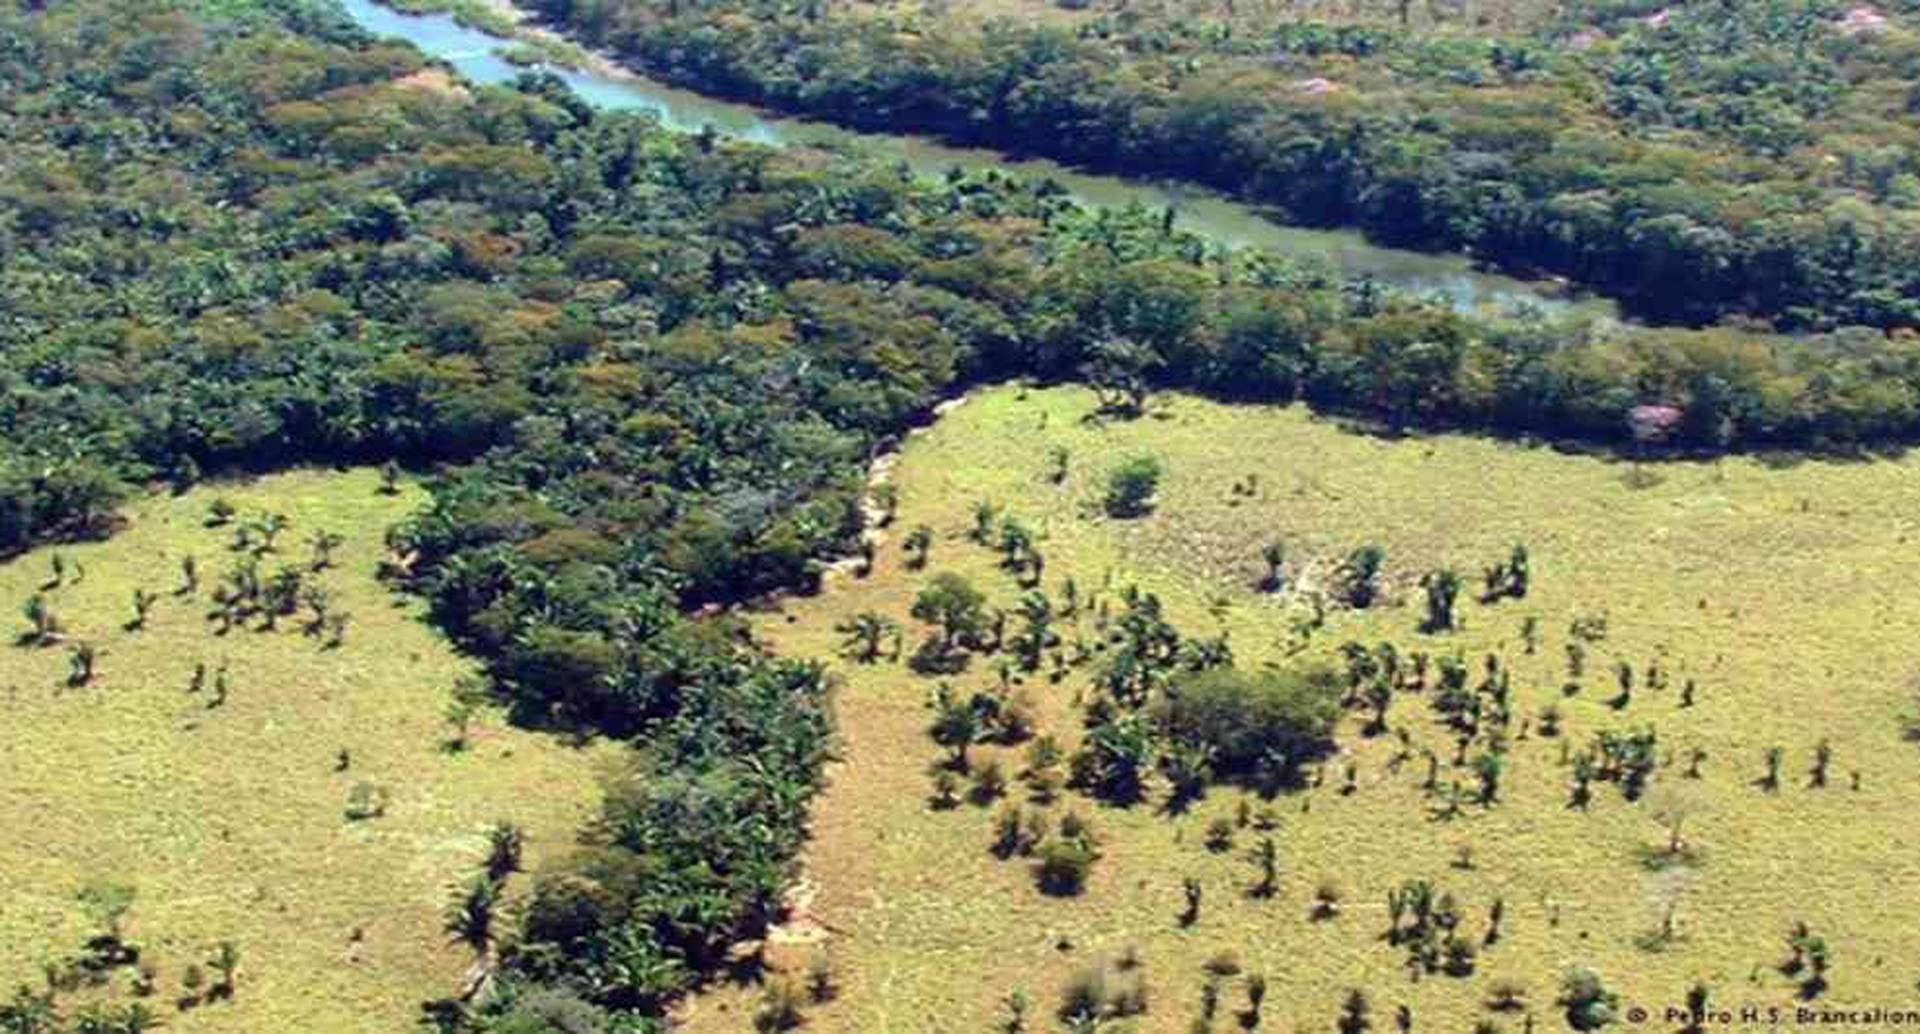 Según el último boletín de detecciones tempranas del Ideam, en la Amazonia se concentra el 75% de la deforestación del país. Foto: archivo/Semana.